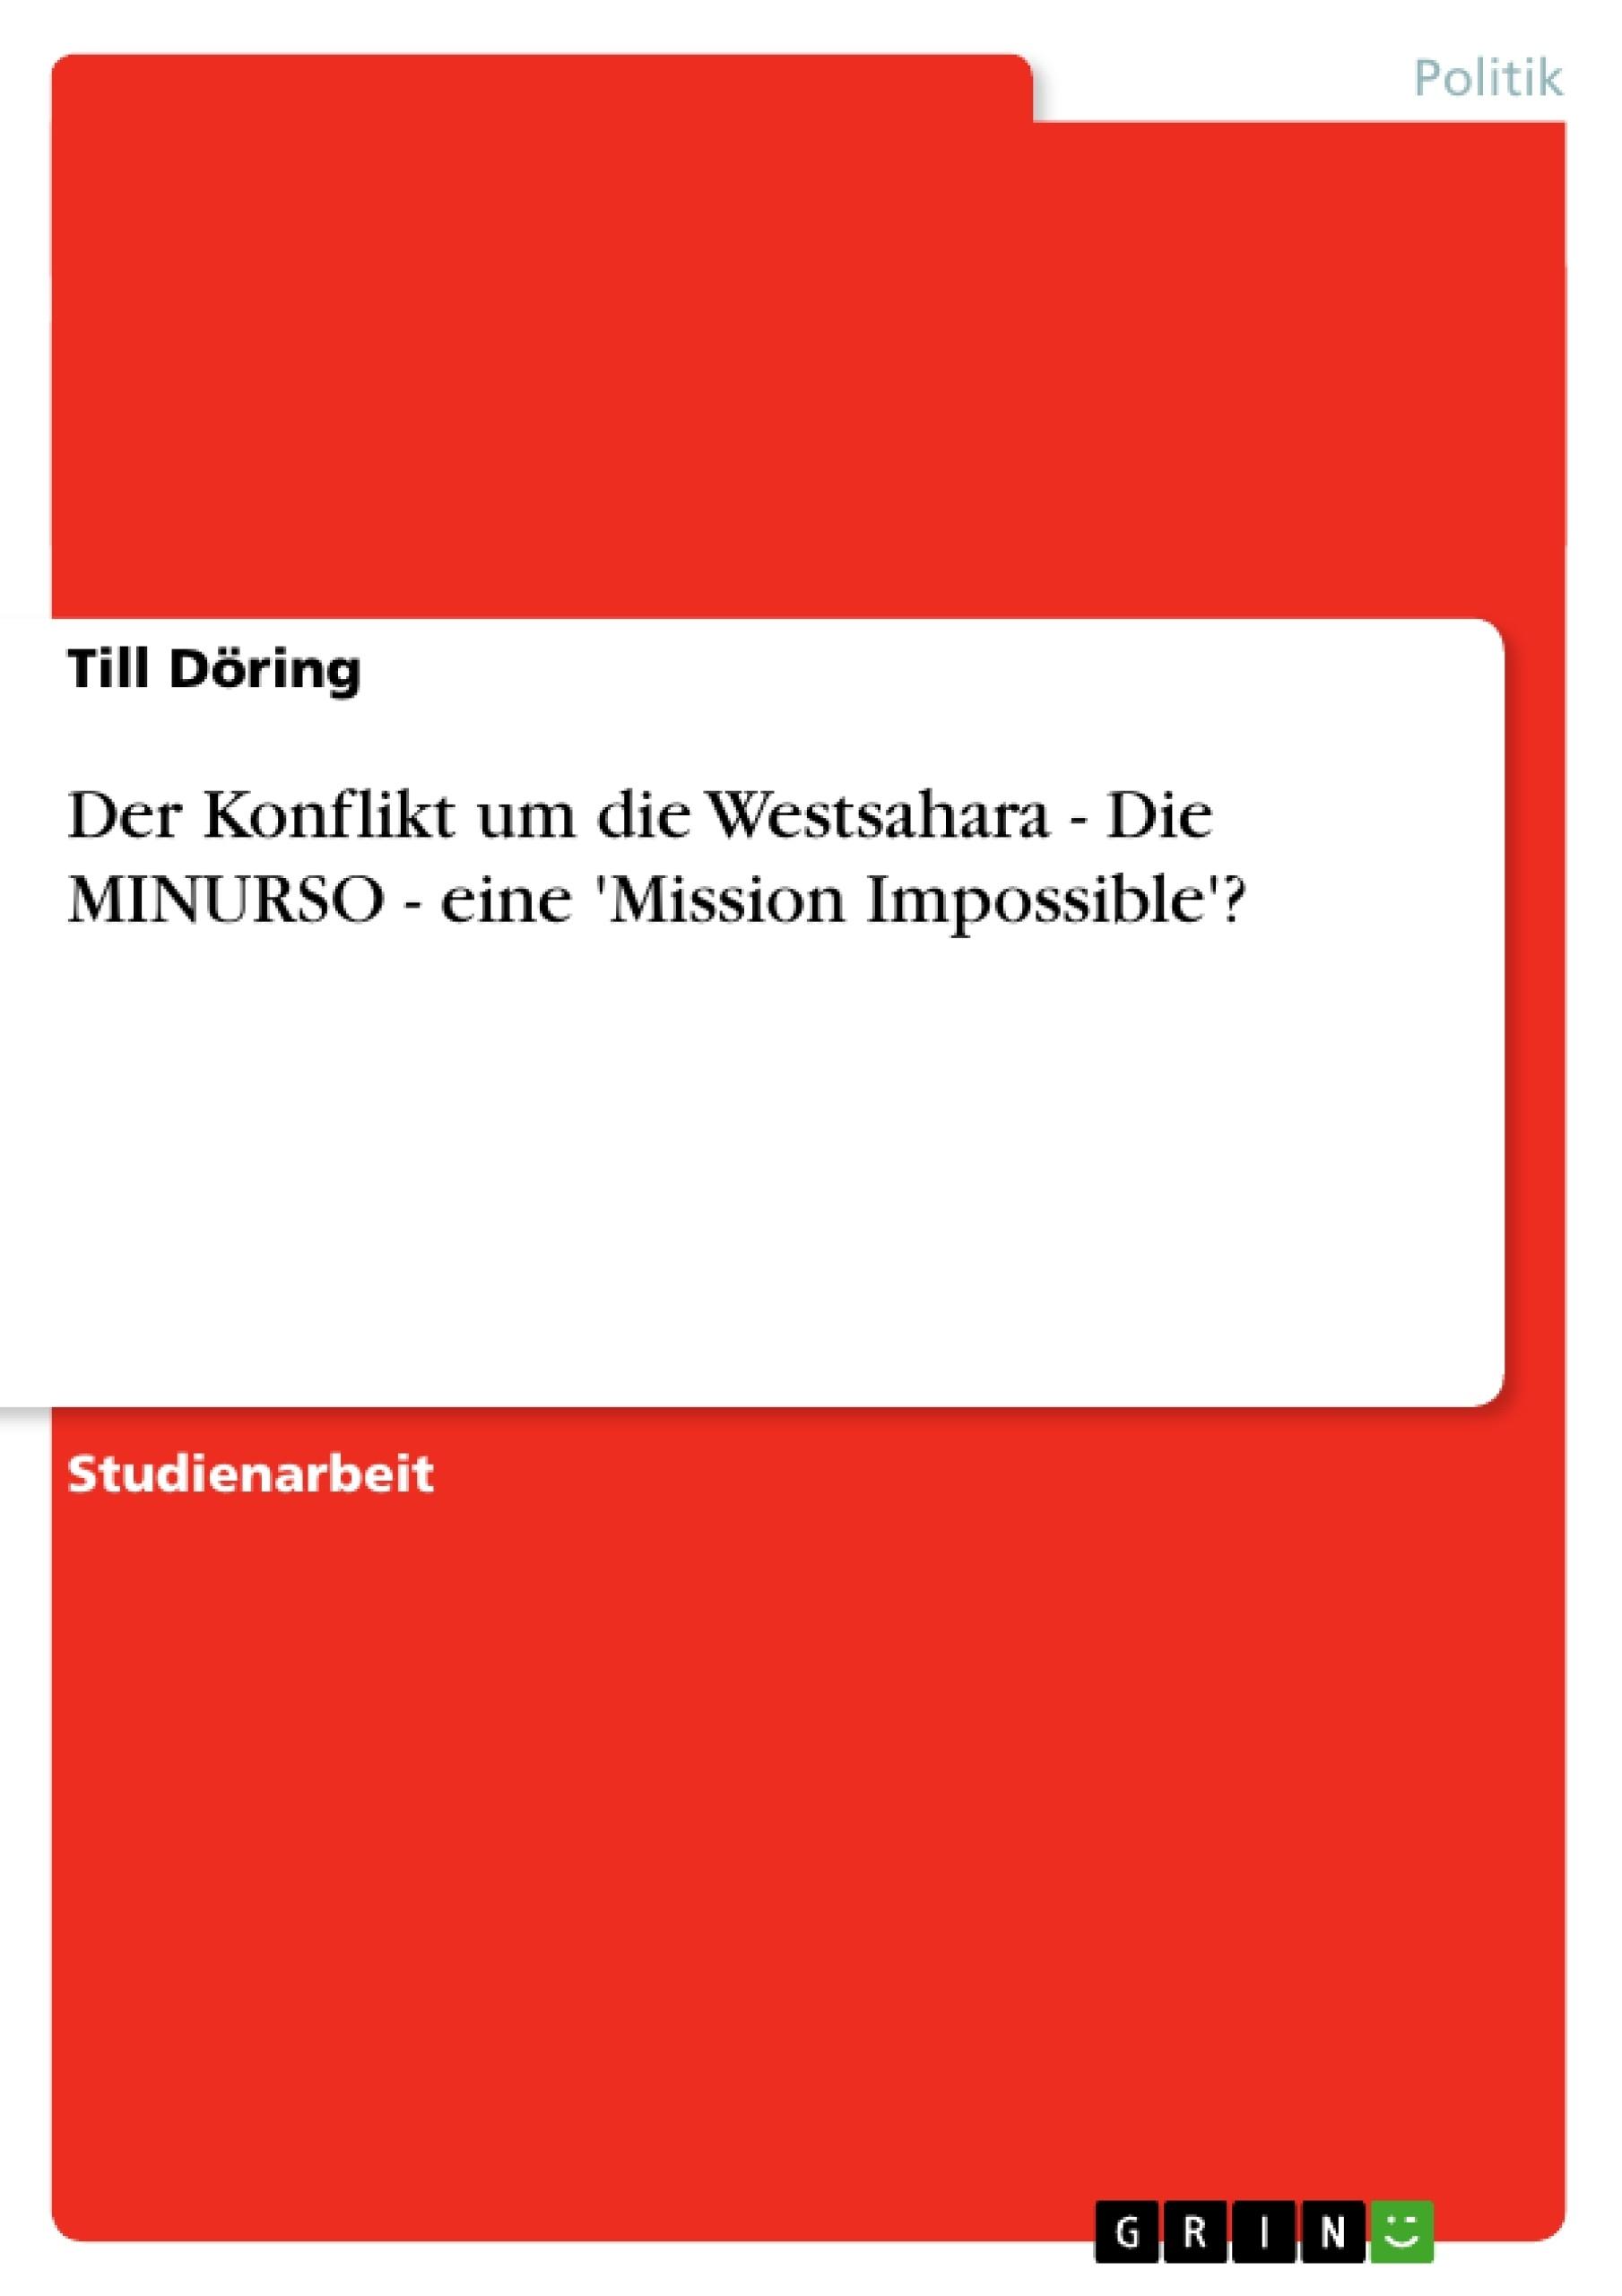 Titel: Der Konflikt um die Westsahara - Die MINURSO - eine 'Mission Impossible'?